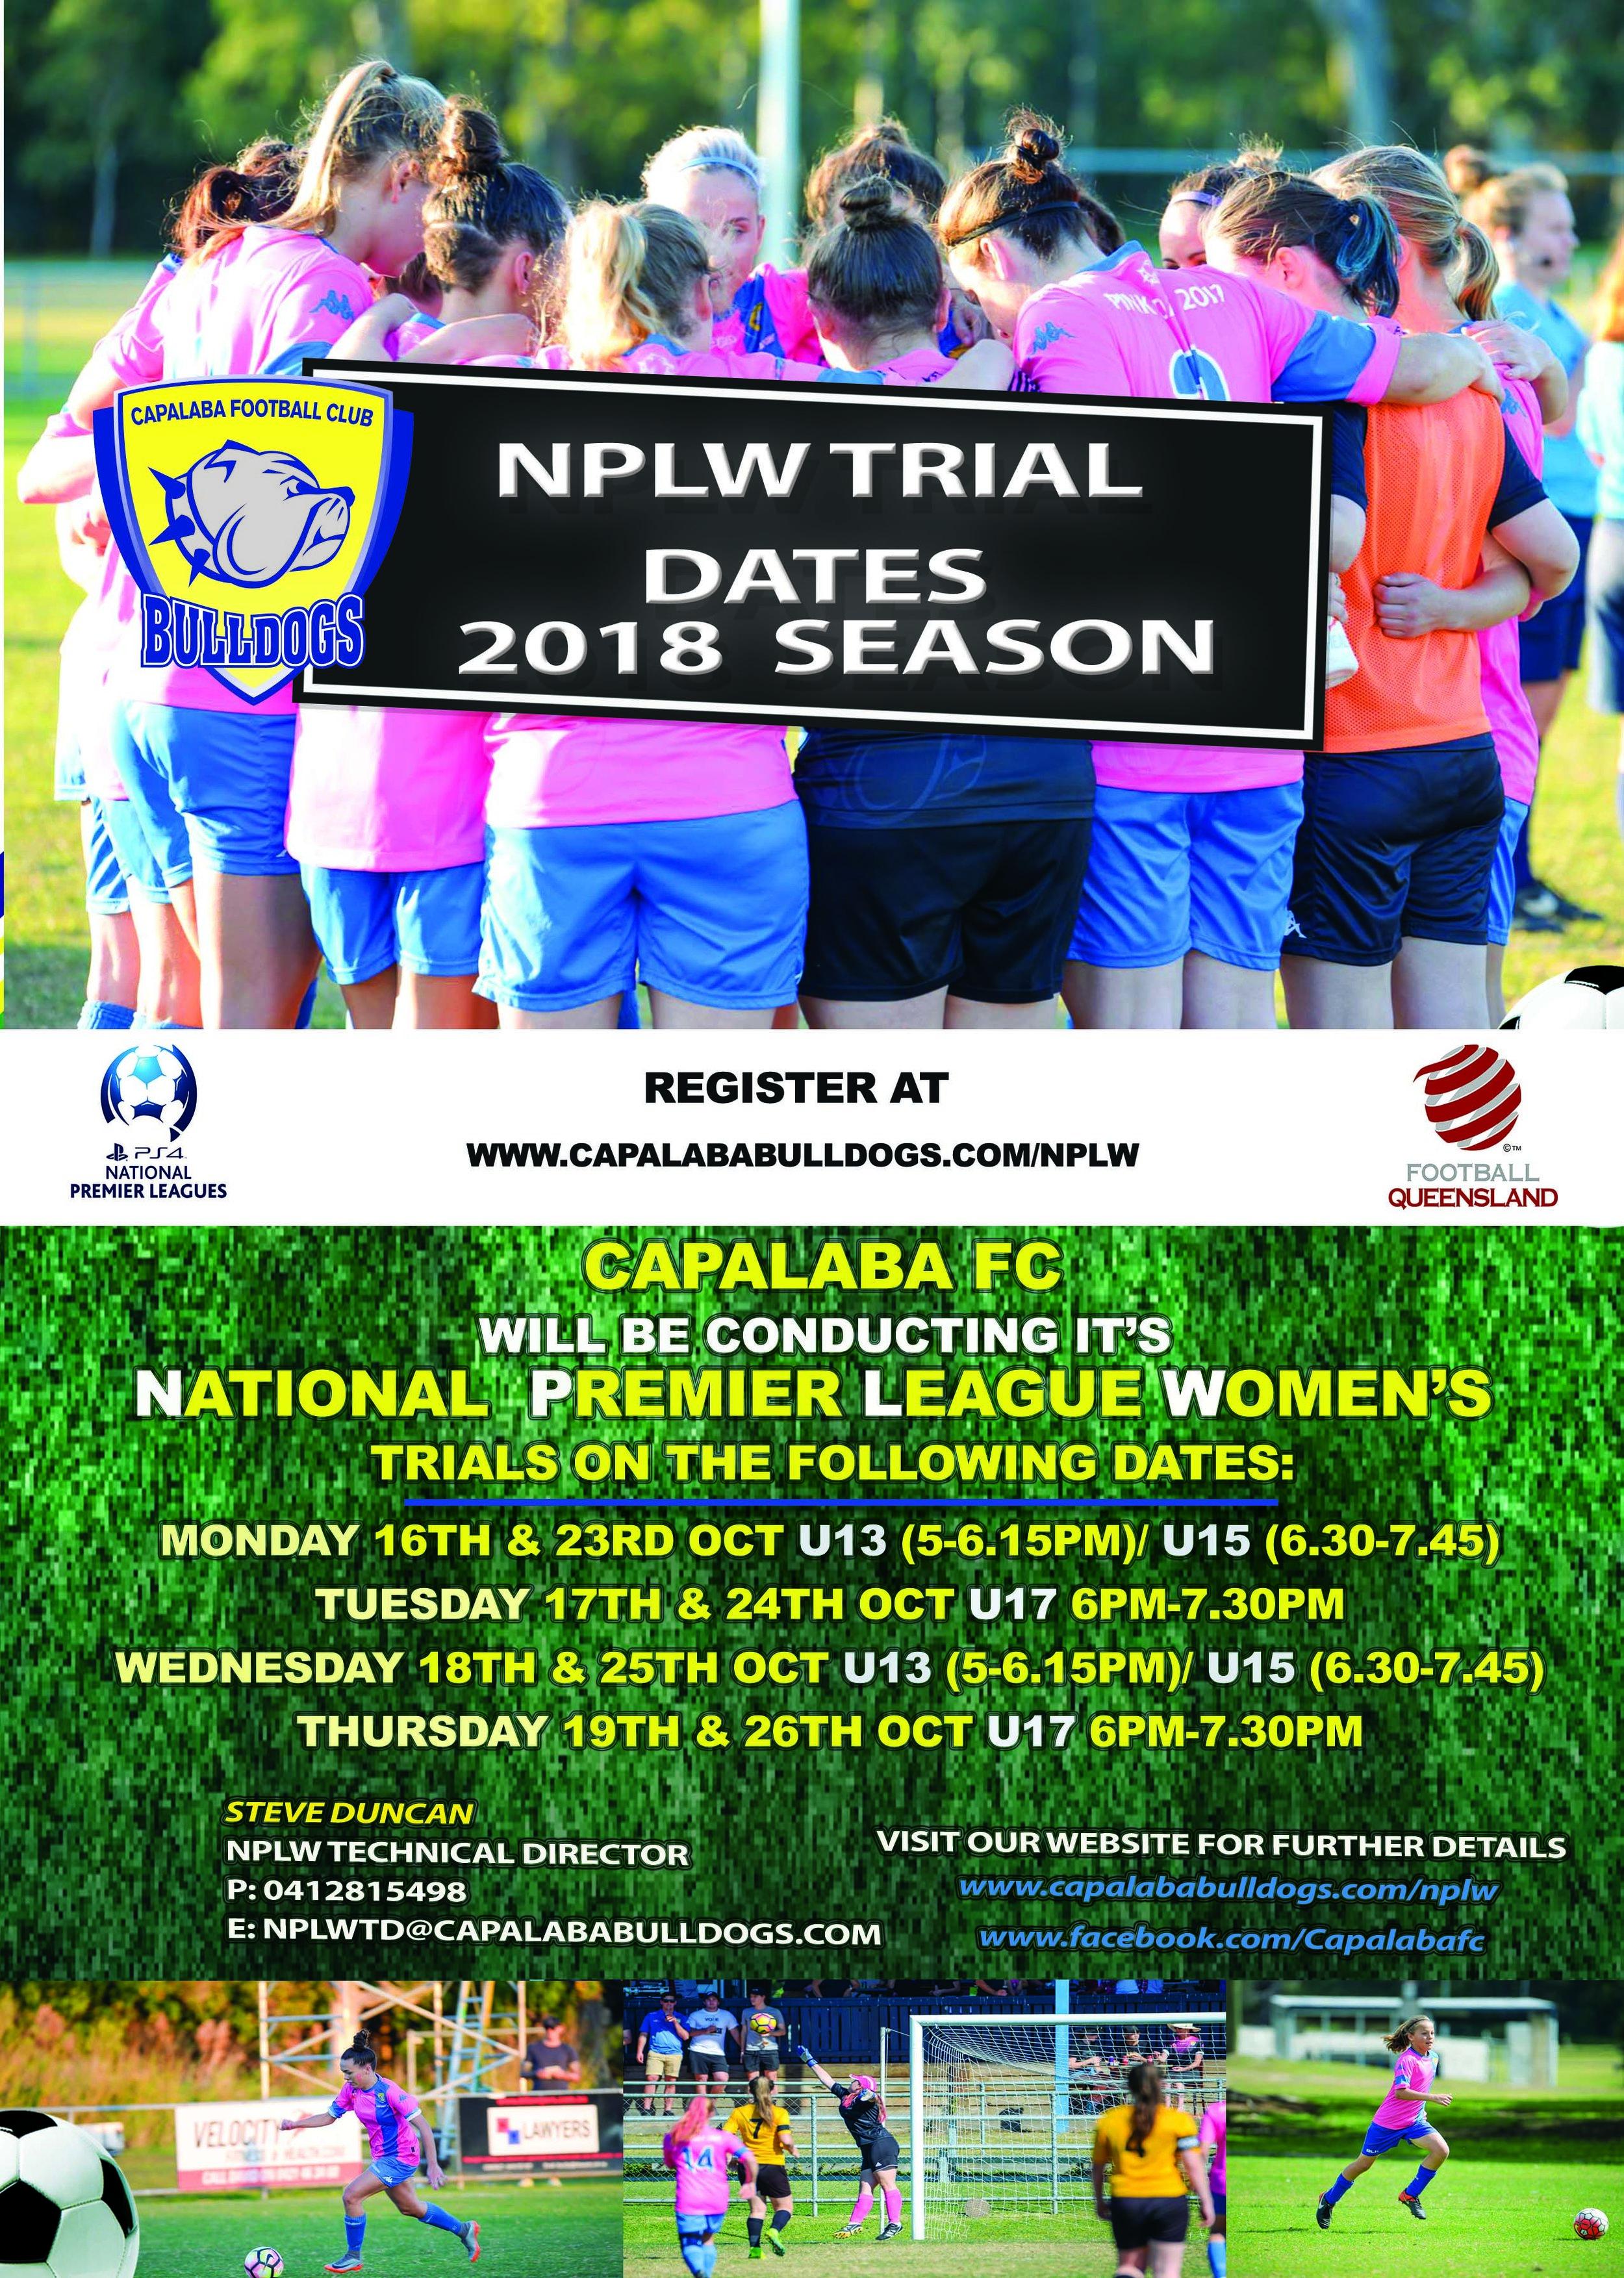 Capalaba FC NPLW Trial Dates 2017 Flyer Phase 2 3.jpg